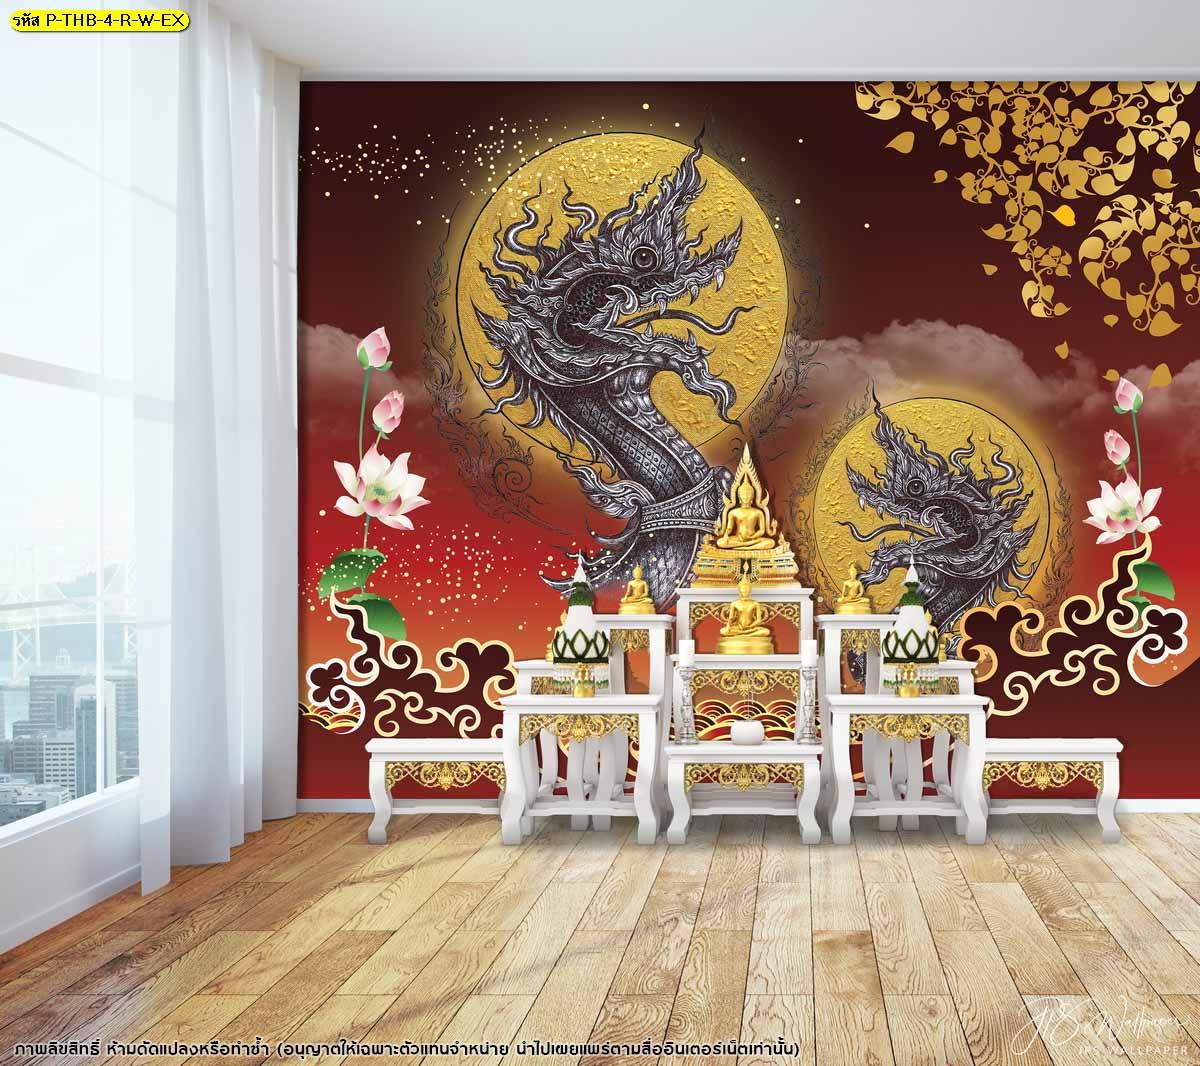 สั่งทำภาพจิตรกรรมไทย วอลเปเปอร์ห้องพระหรูๆ วอลเปเปอร์ติดผนังสบายตา